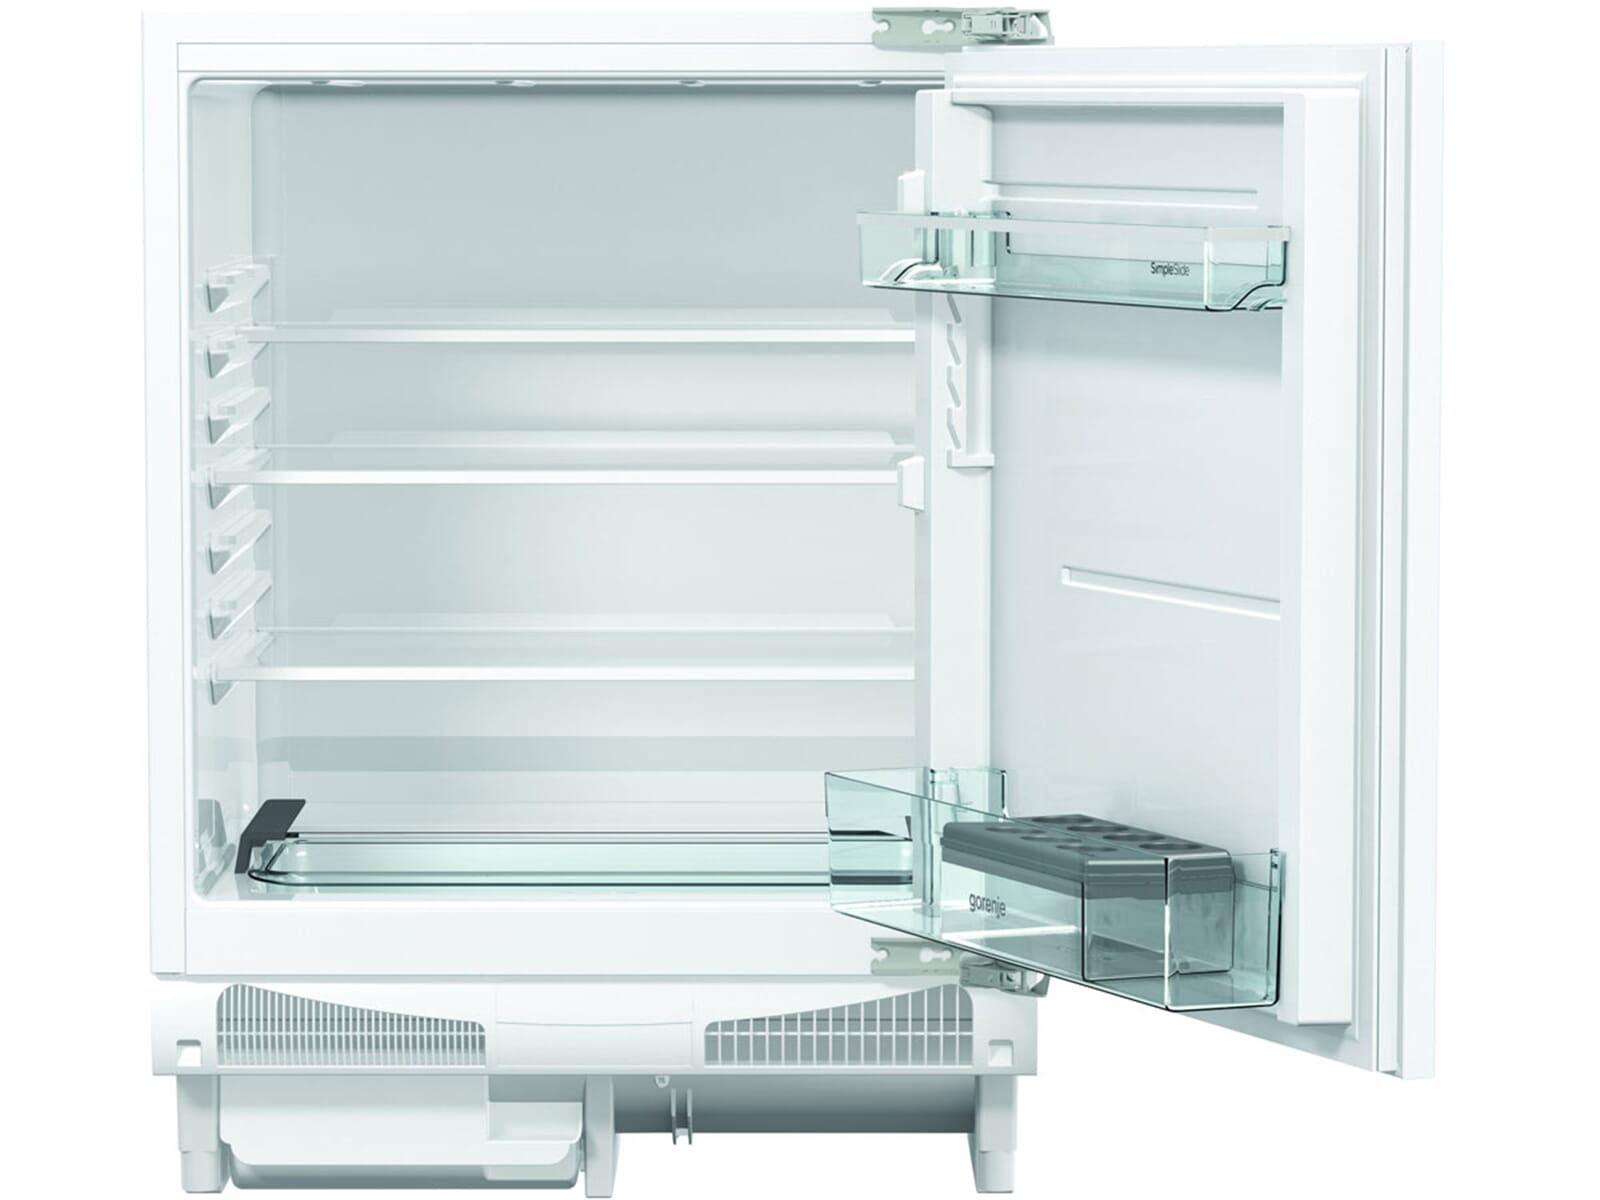 Kühlschrank Unterbau : Kühlschrank unterbau gebraucht bosch khlschrank standgert free